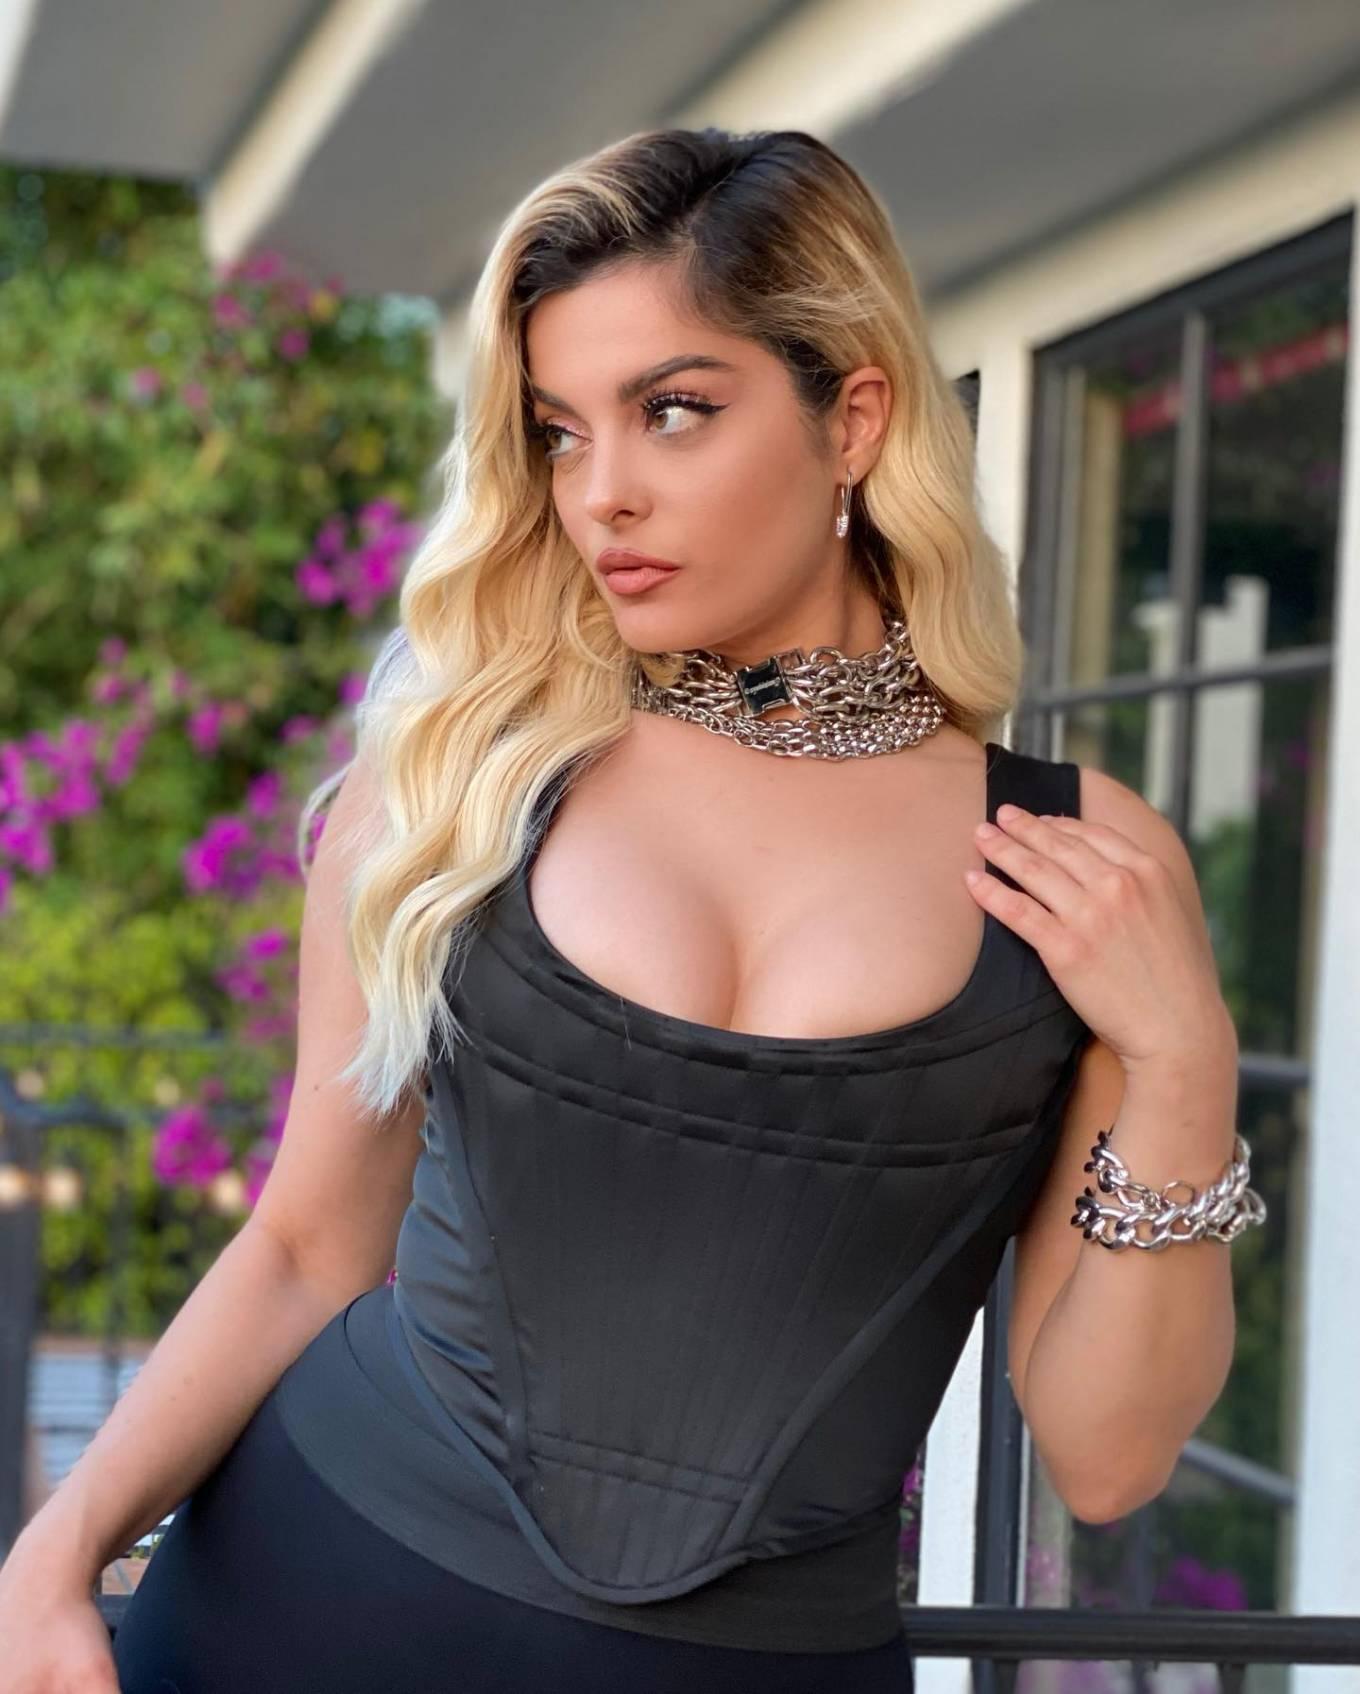 Bebe Rexha - Angelina Panelli May 2020 Photoshoot